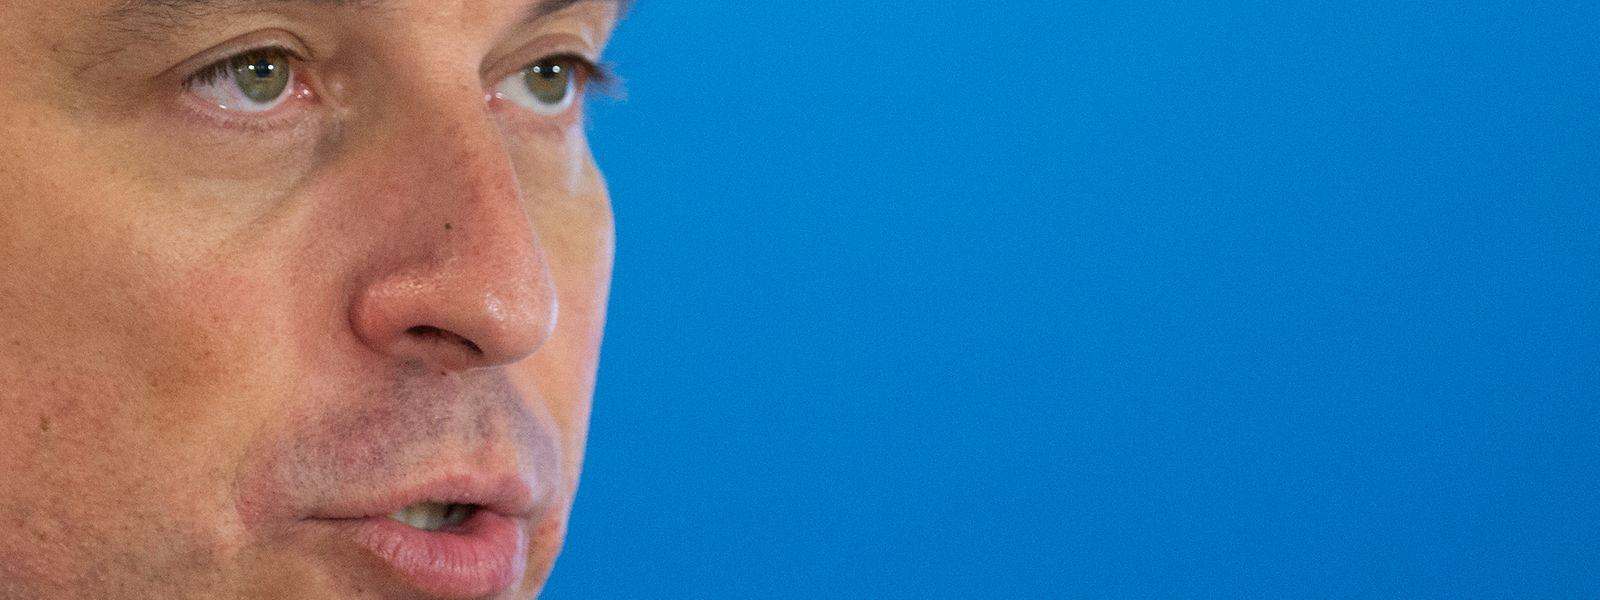 Bildungsminister Claude Meisch (DP) schlägt in seiner Antwort auf die parlamentarische Frage 3200 einen ungewöhnlich scharfen Ton an.